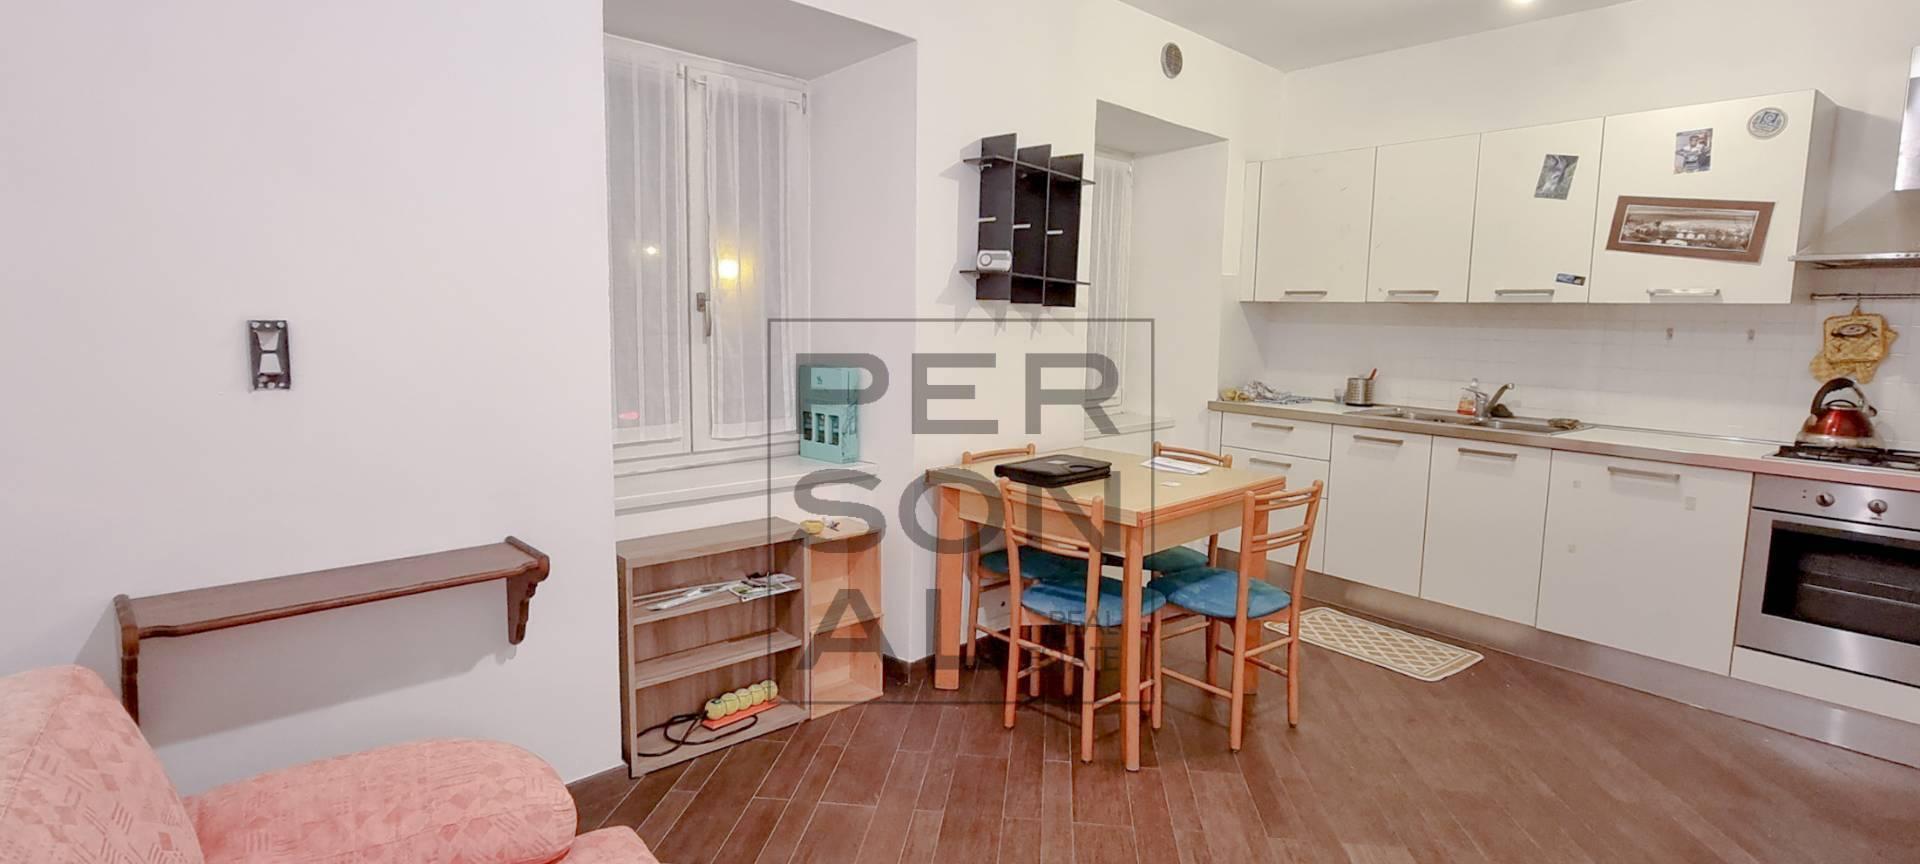 Appartamento in affitto a Mezzolombardo, 2 locali, prezzo € 520   CambioCasa.it